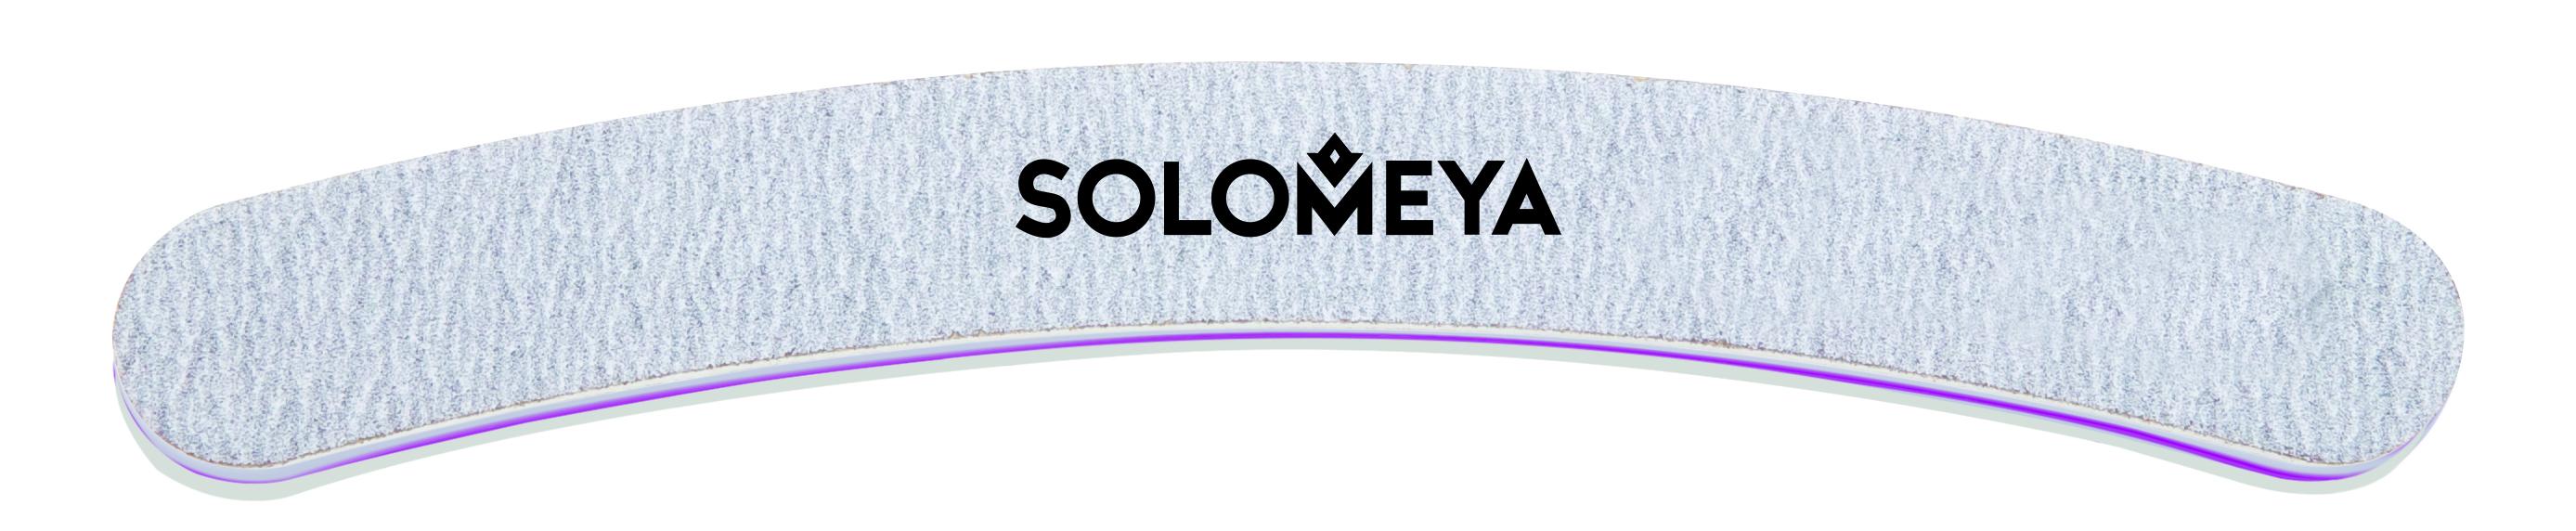 SOLOMEYA Пилка профессиональная Бумеранг для обработки искусственных поверхностей (жесткая) / Boomerang Nail file #100/80 cnd пилка для акрилата boomerang грубая 100 100